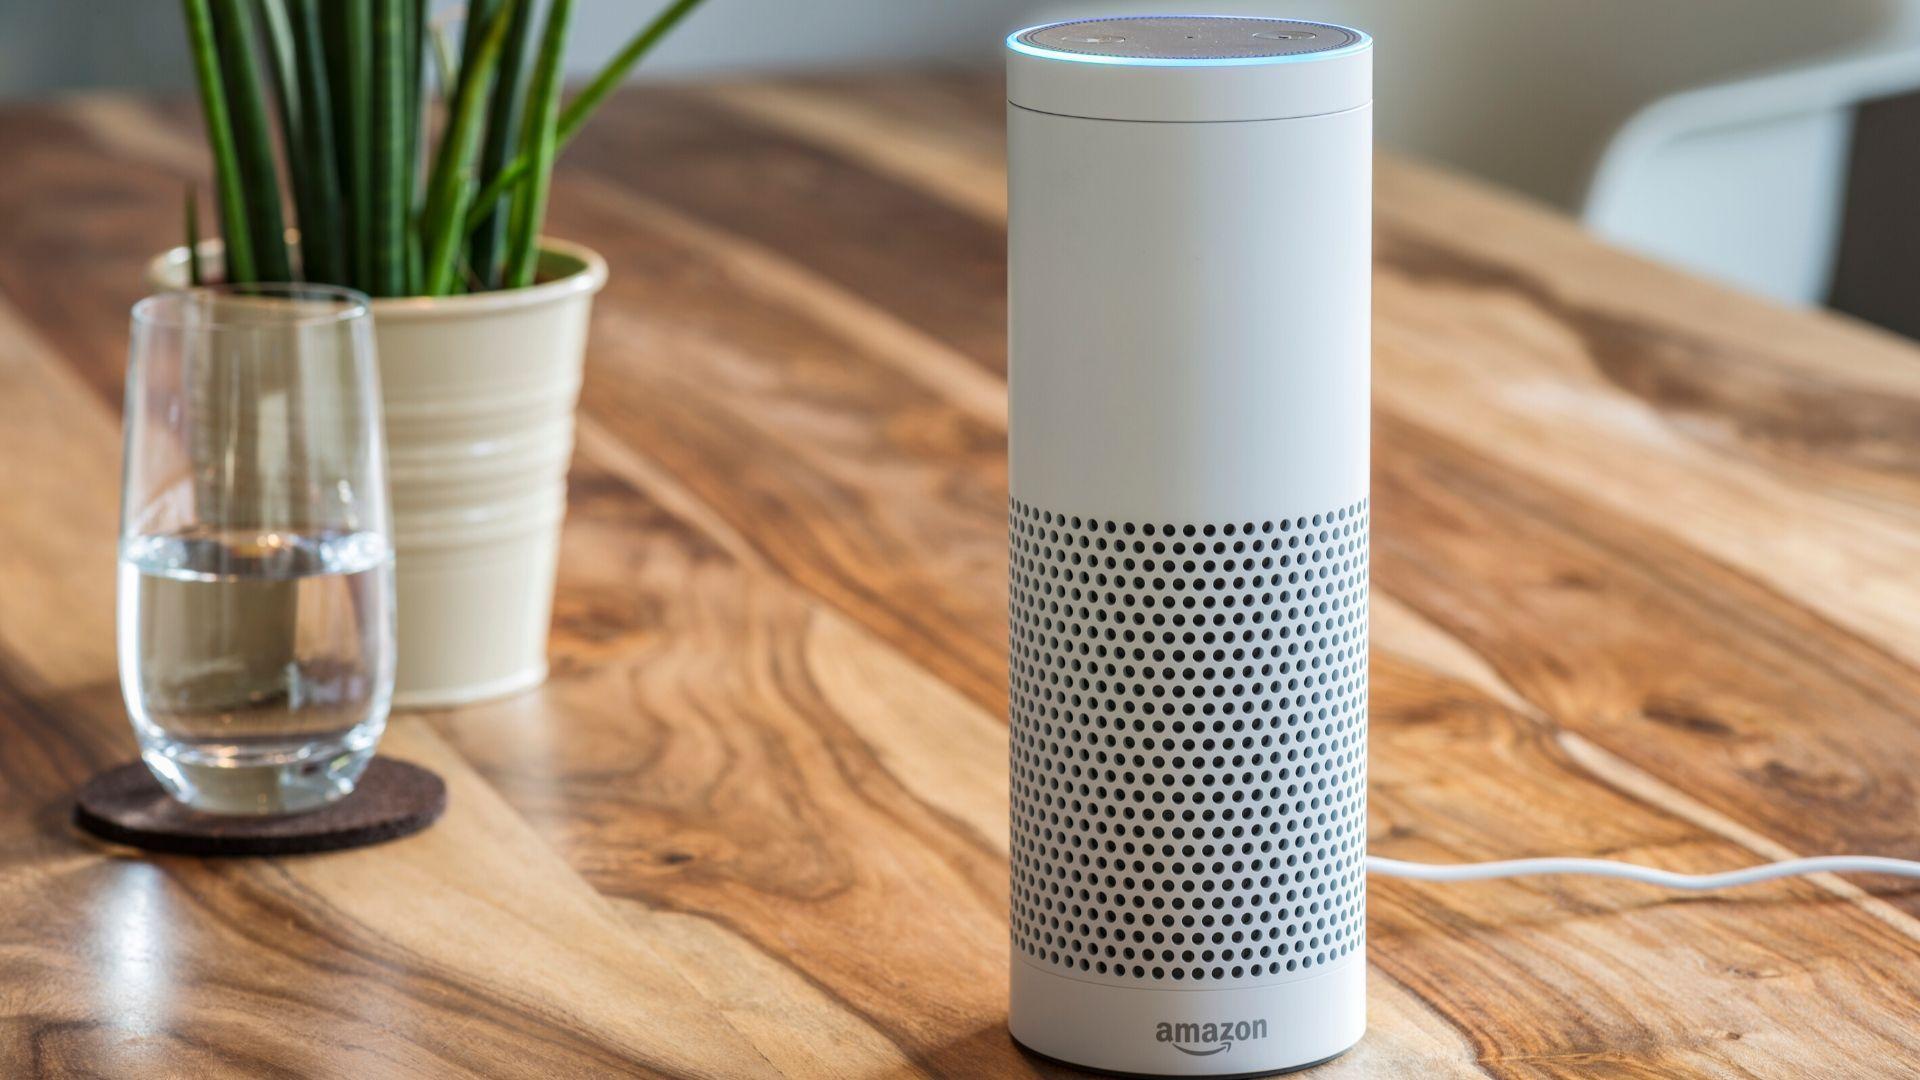 Alexa é a assistente virtual da Amazon. (Imagem: Reprodução/Shutterstock)